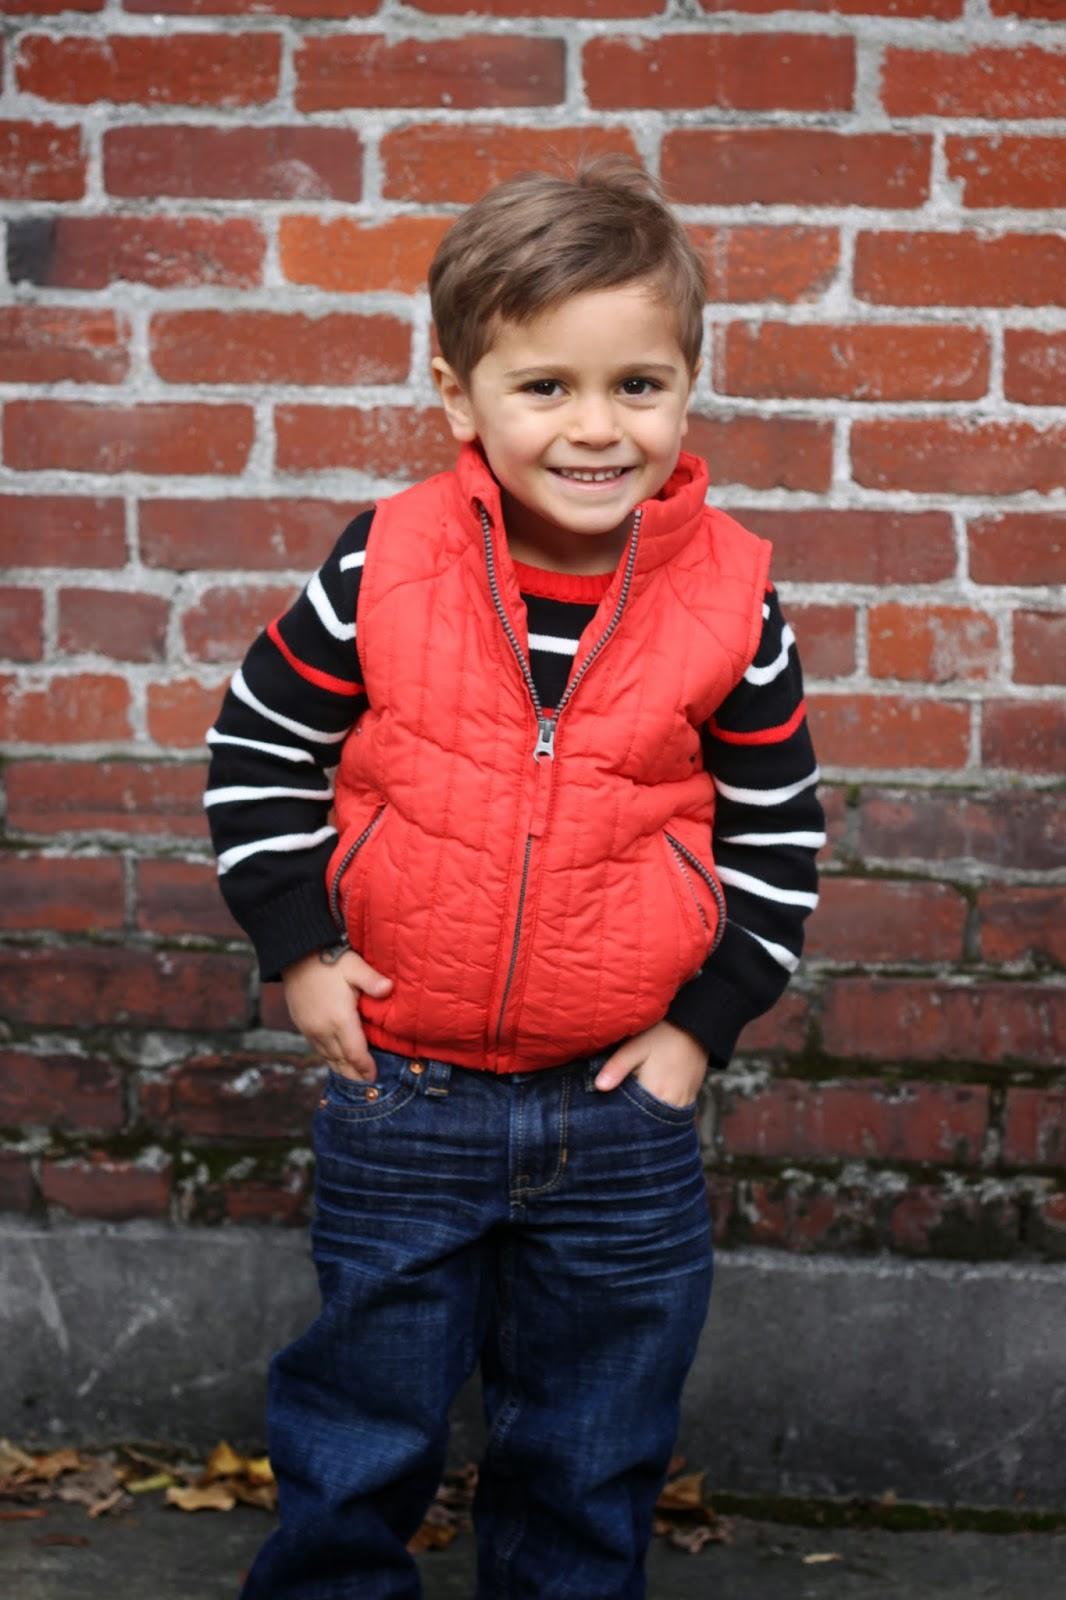 Cute 3 year old boy